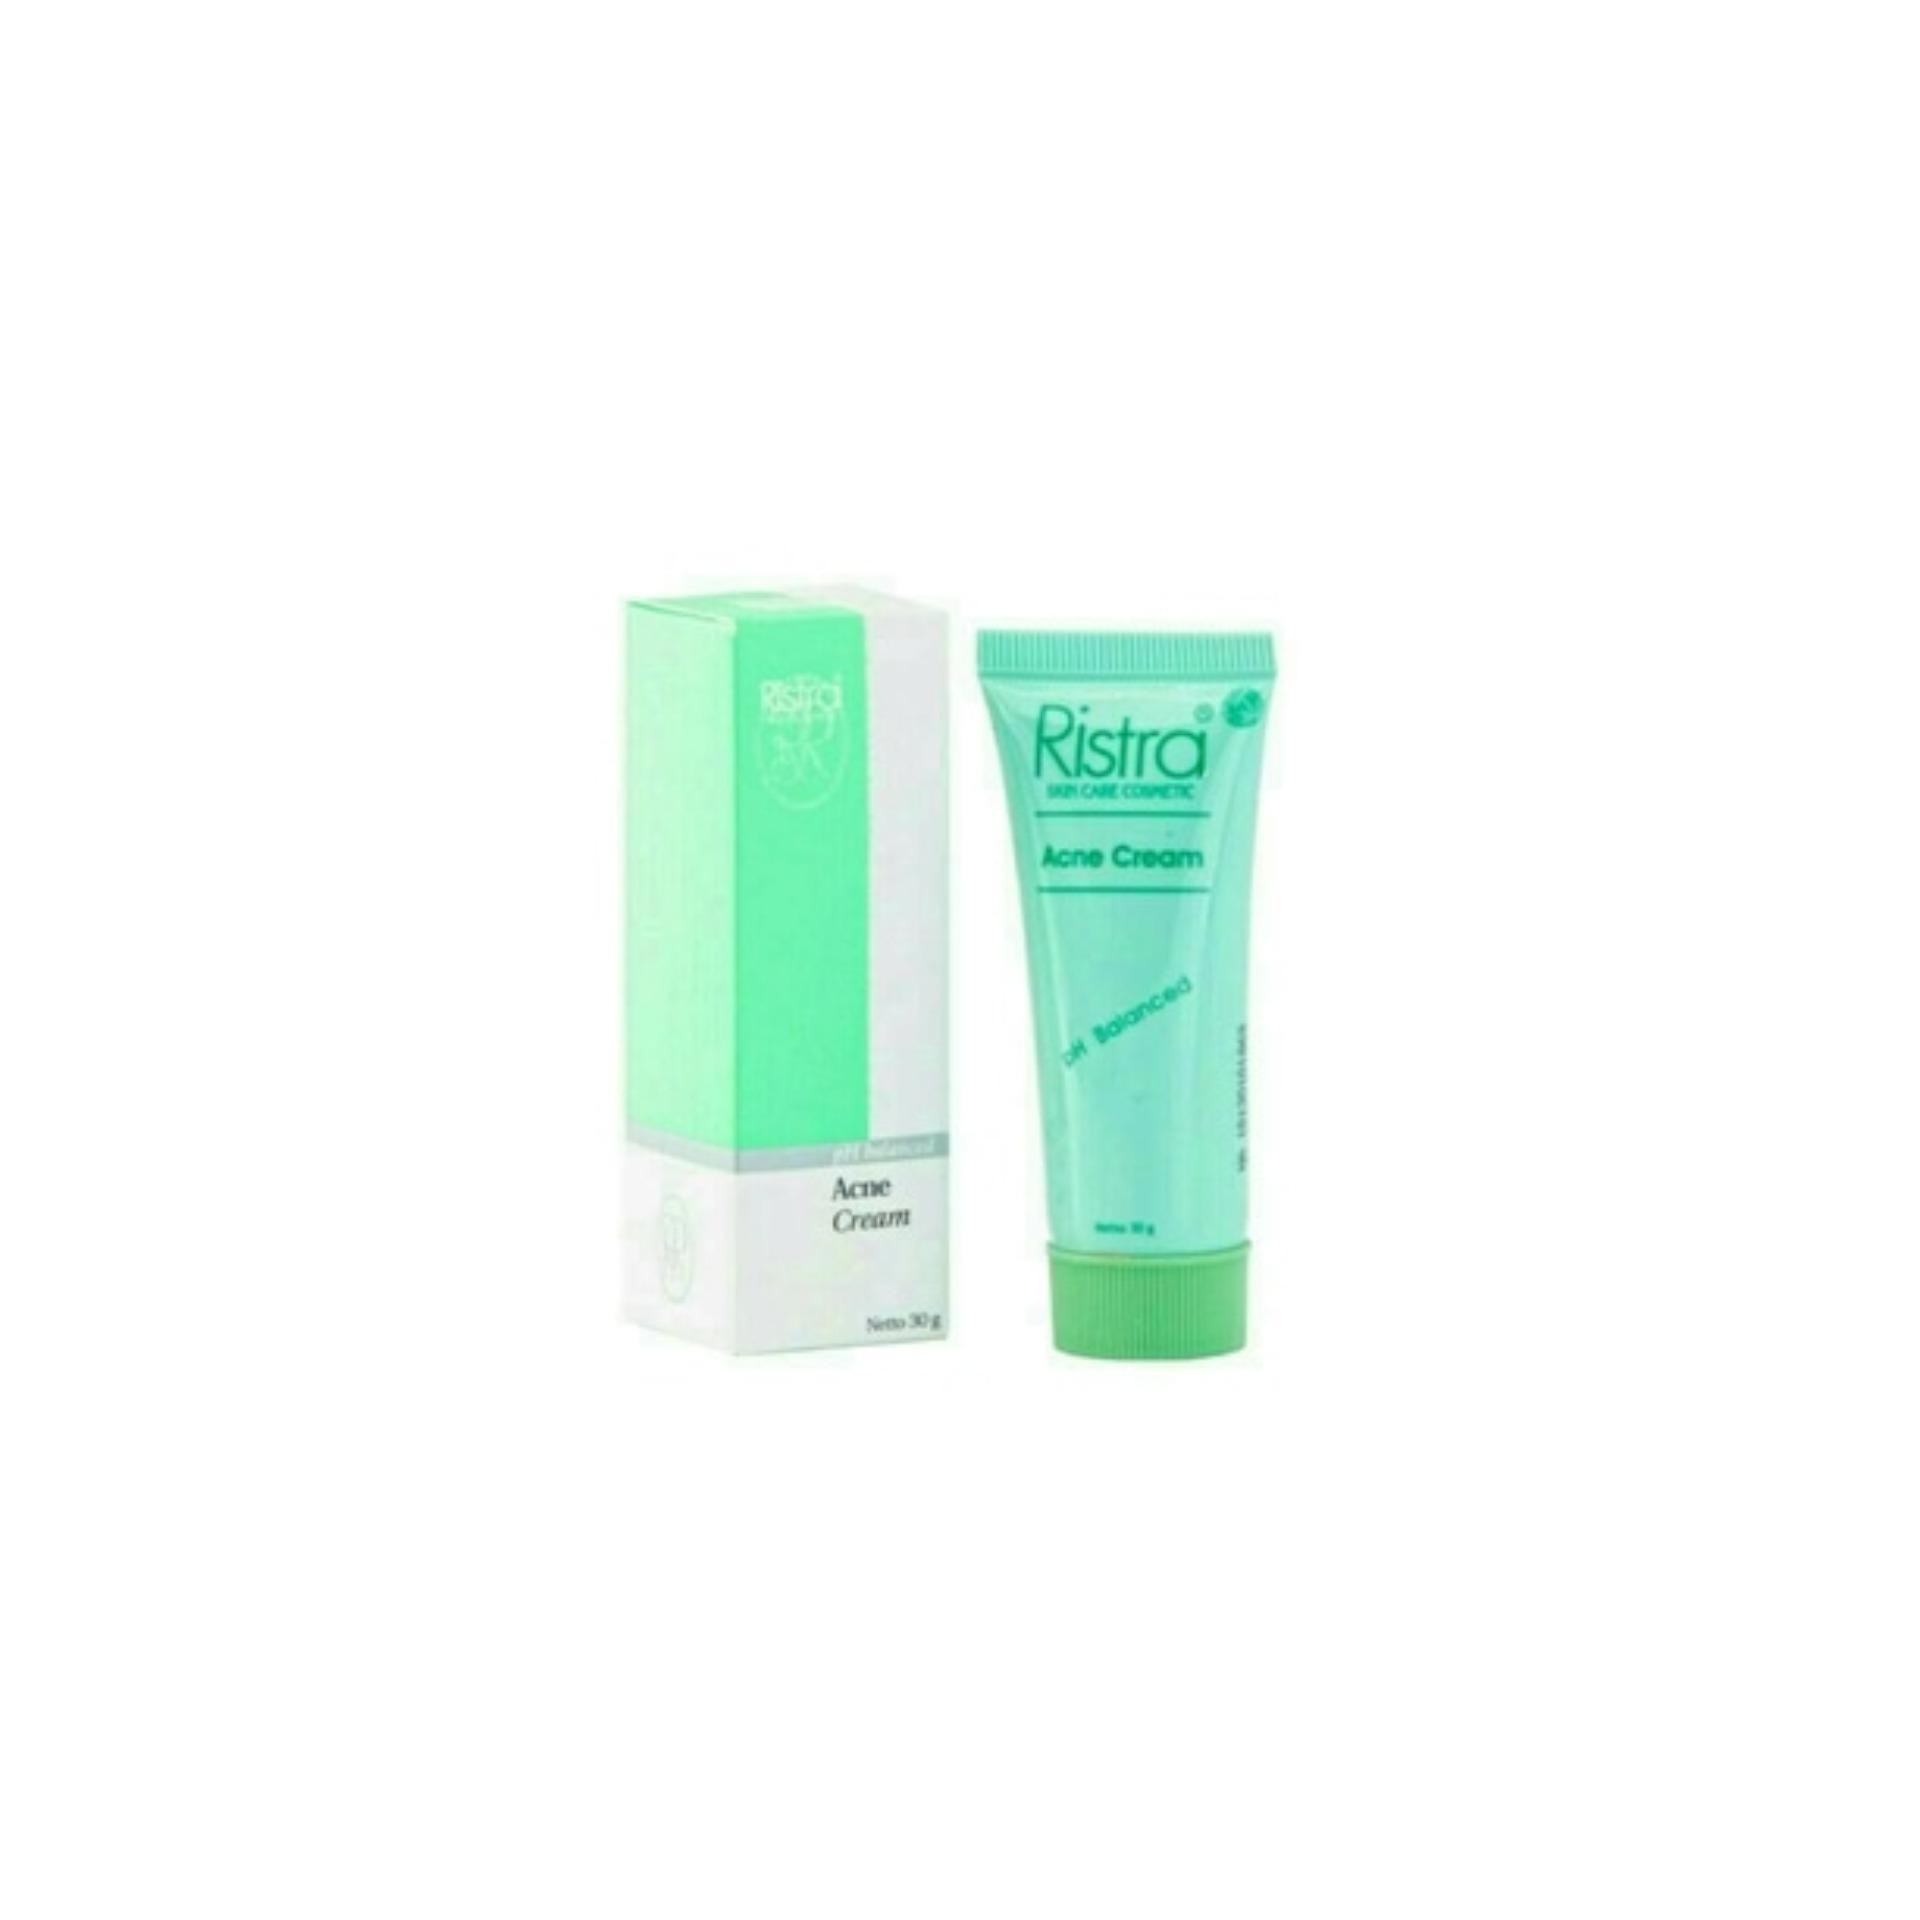 Ristra Acne Cream 30 Gr - Obat Jerawat, Penghilang Jerawat, Krim Jerawat, Penghilang